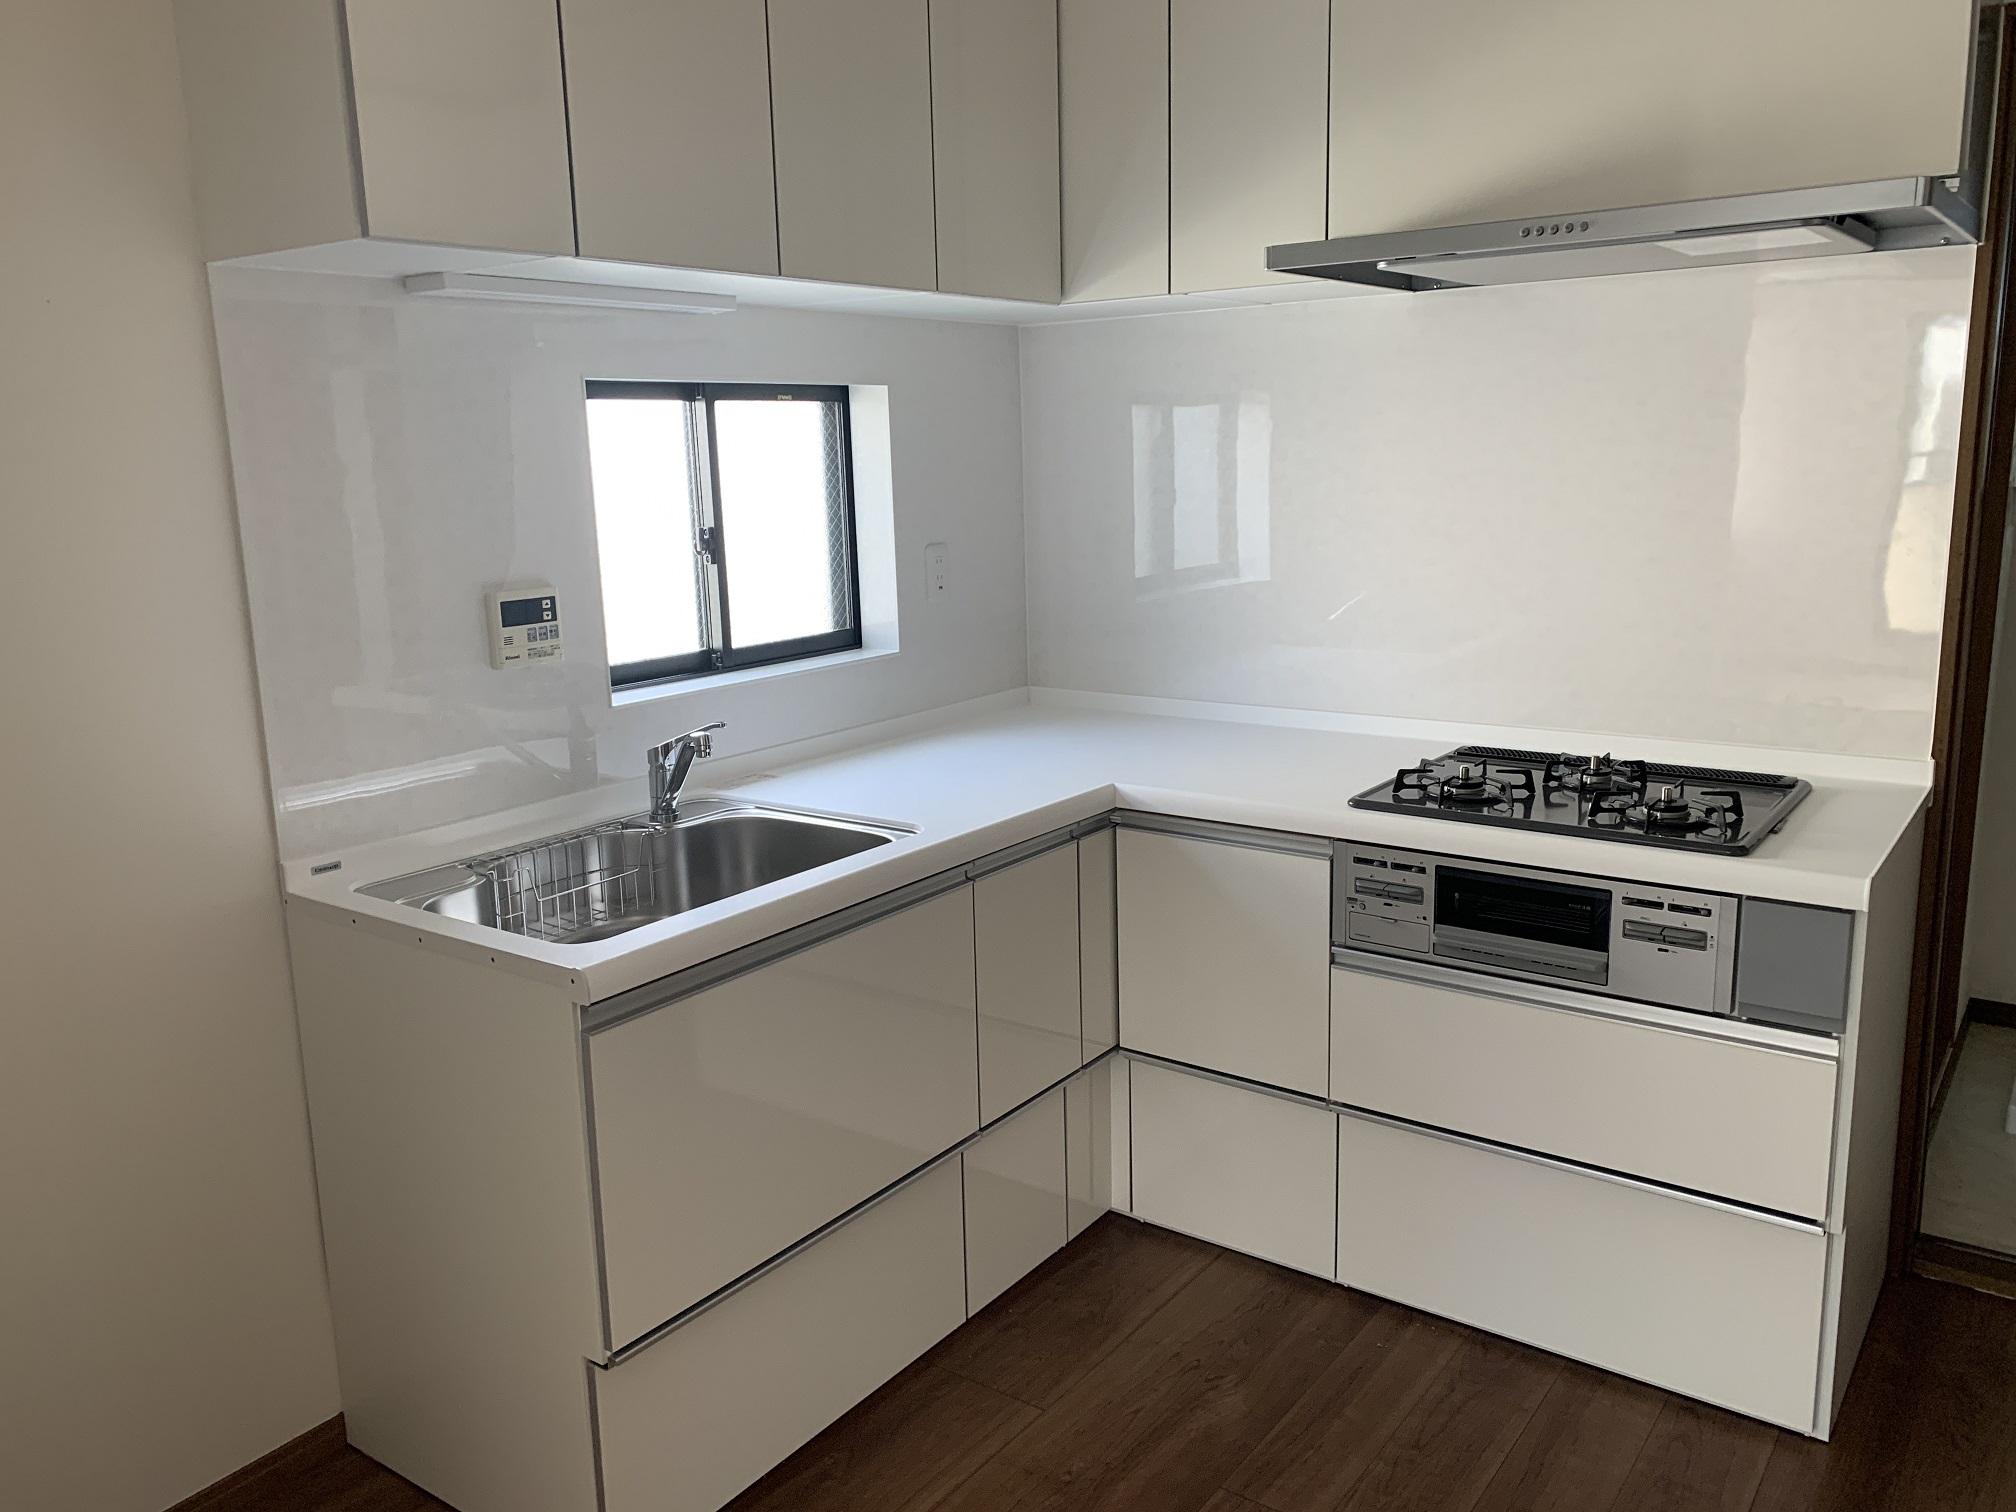 L字型キッチン新規交換済みです!